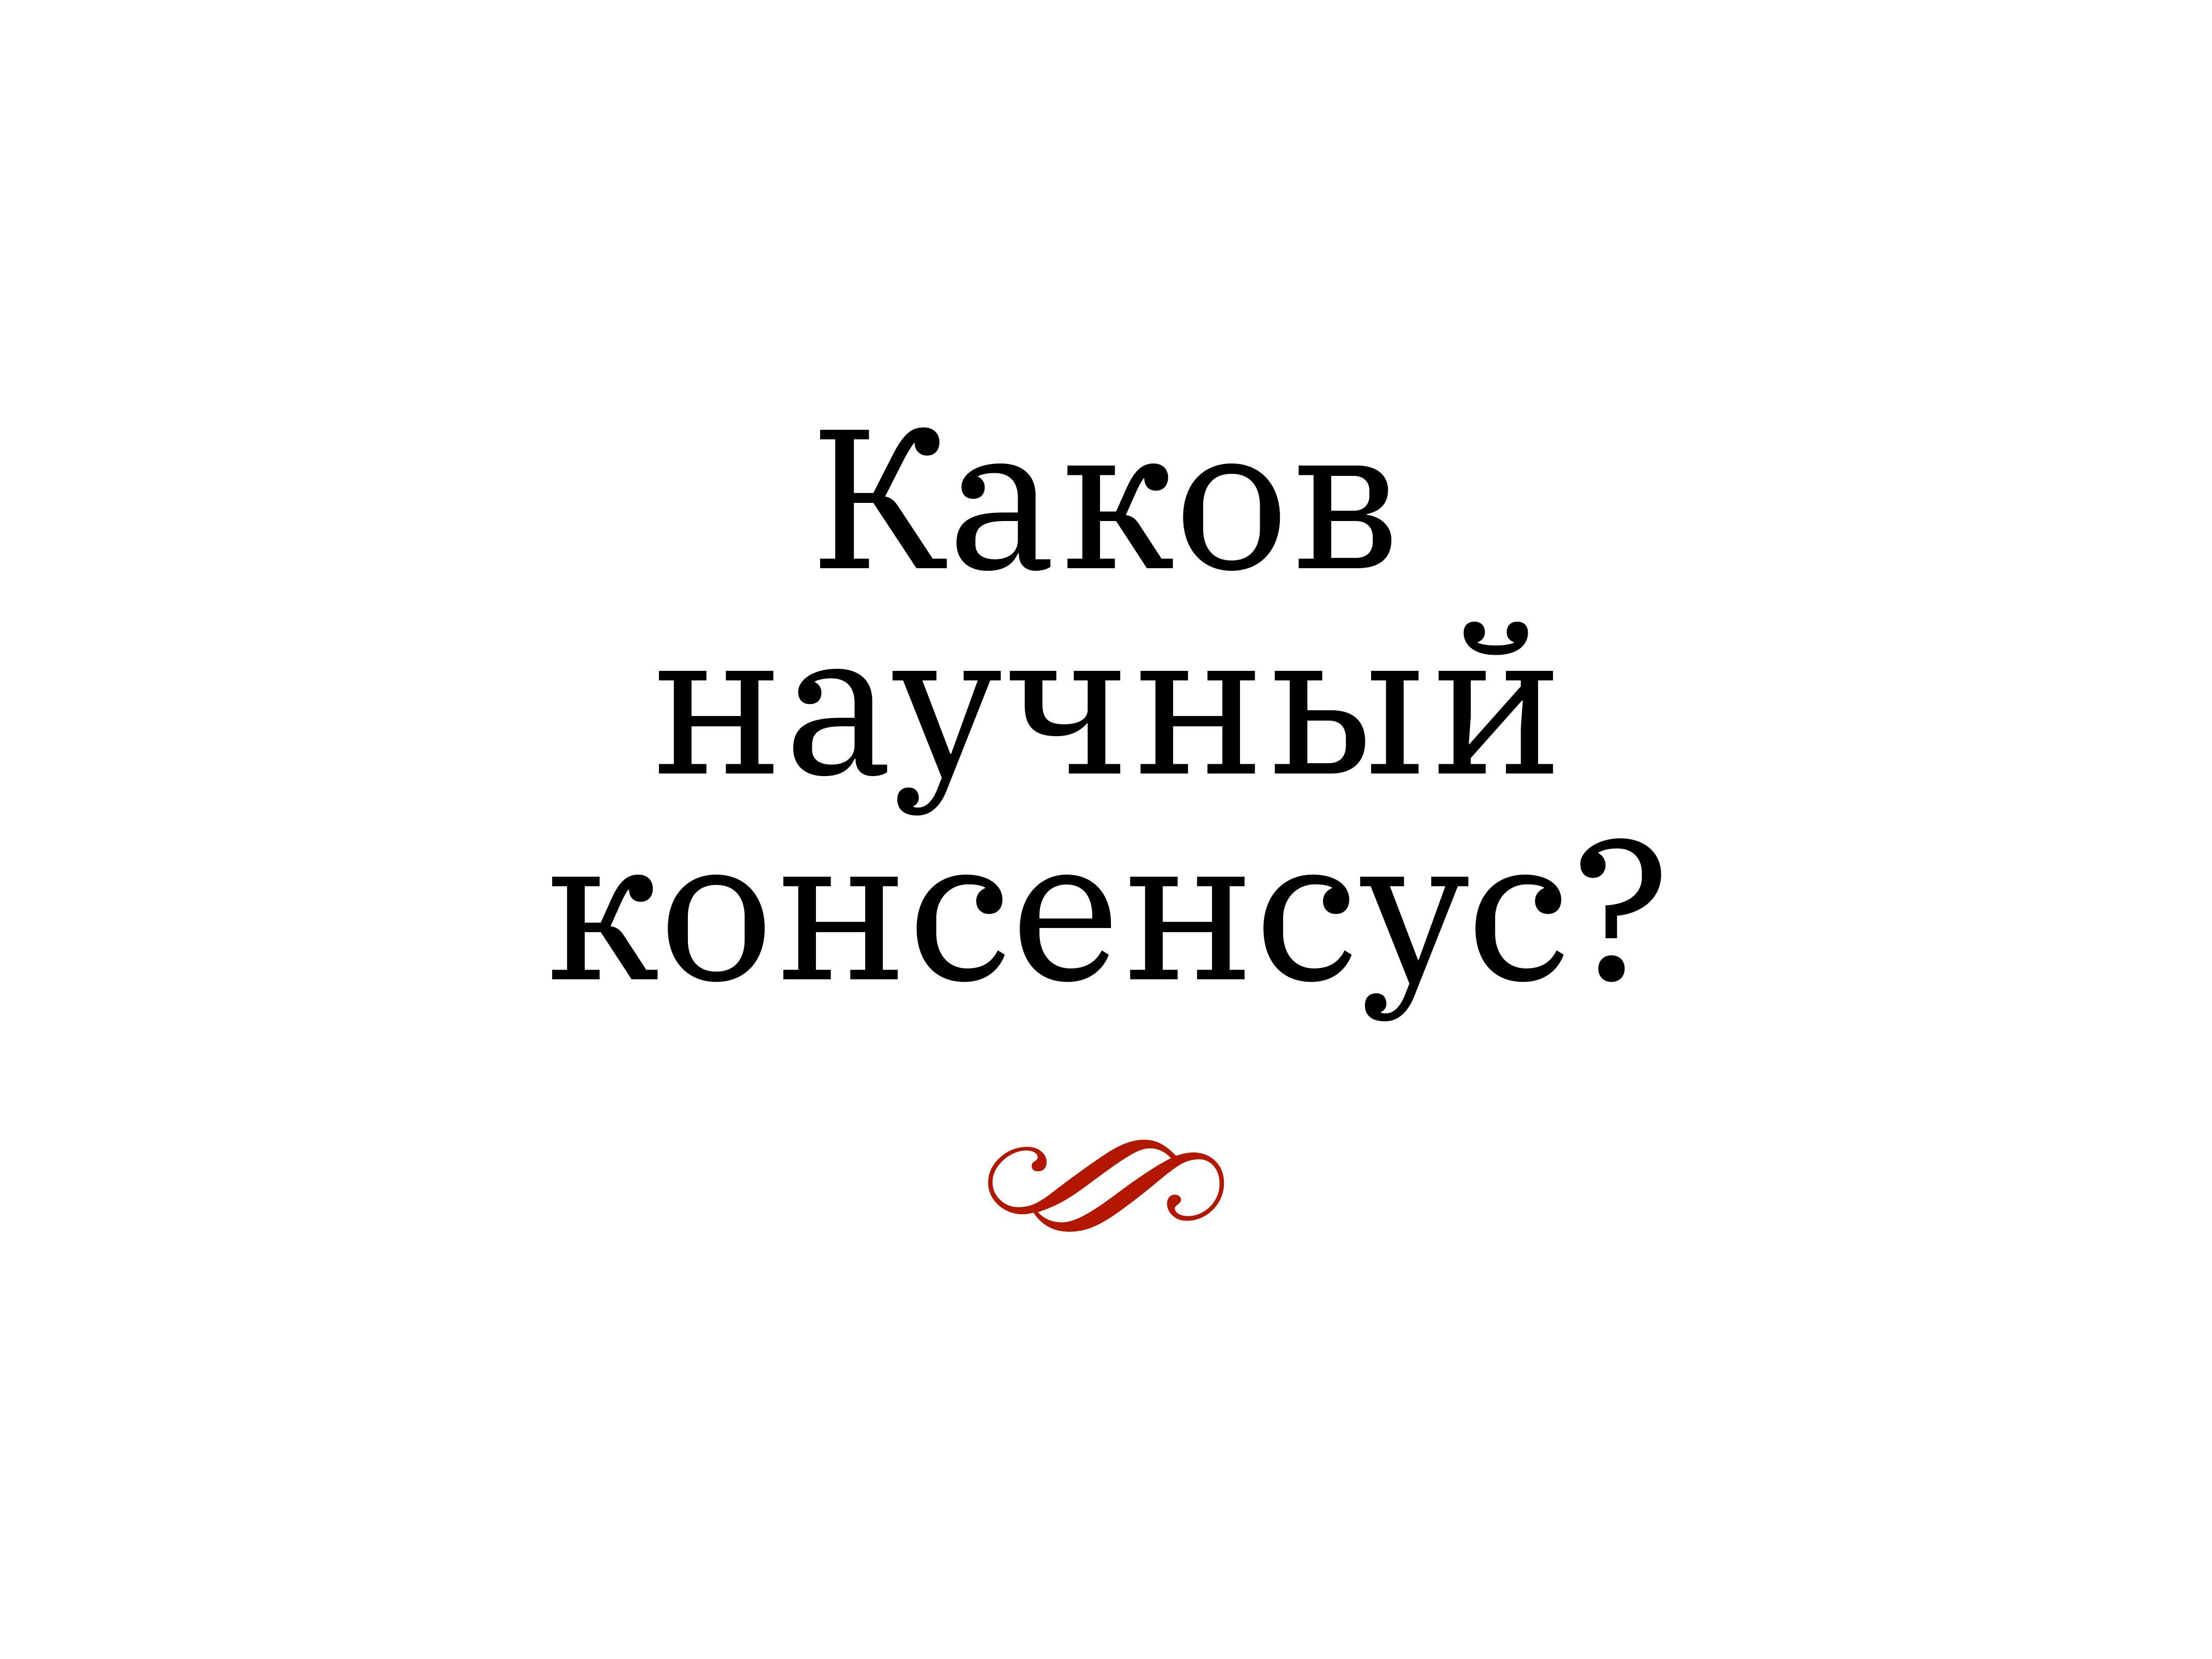 Алексей Каптерев: Критическое мышление 101 (часть 2) - 48